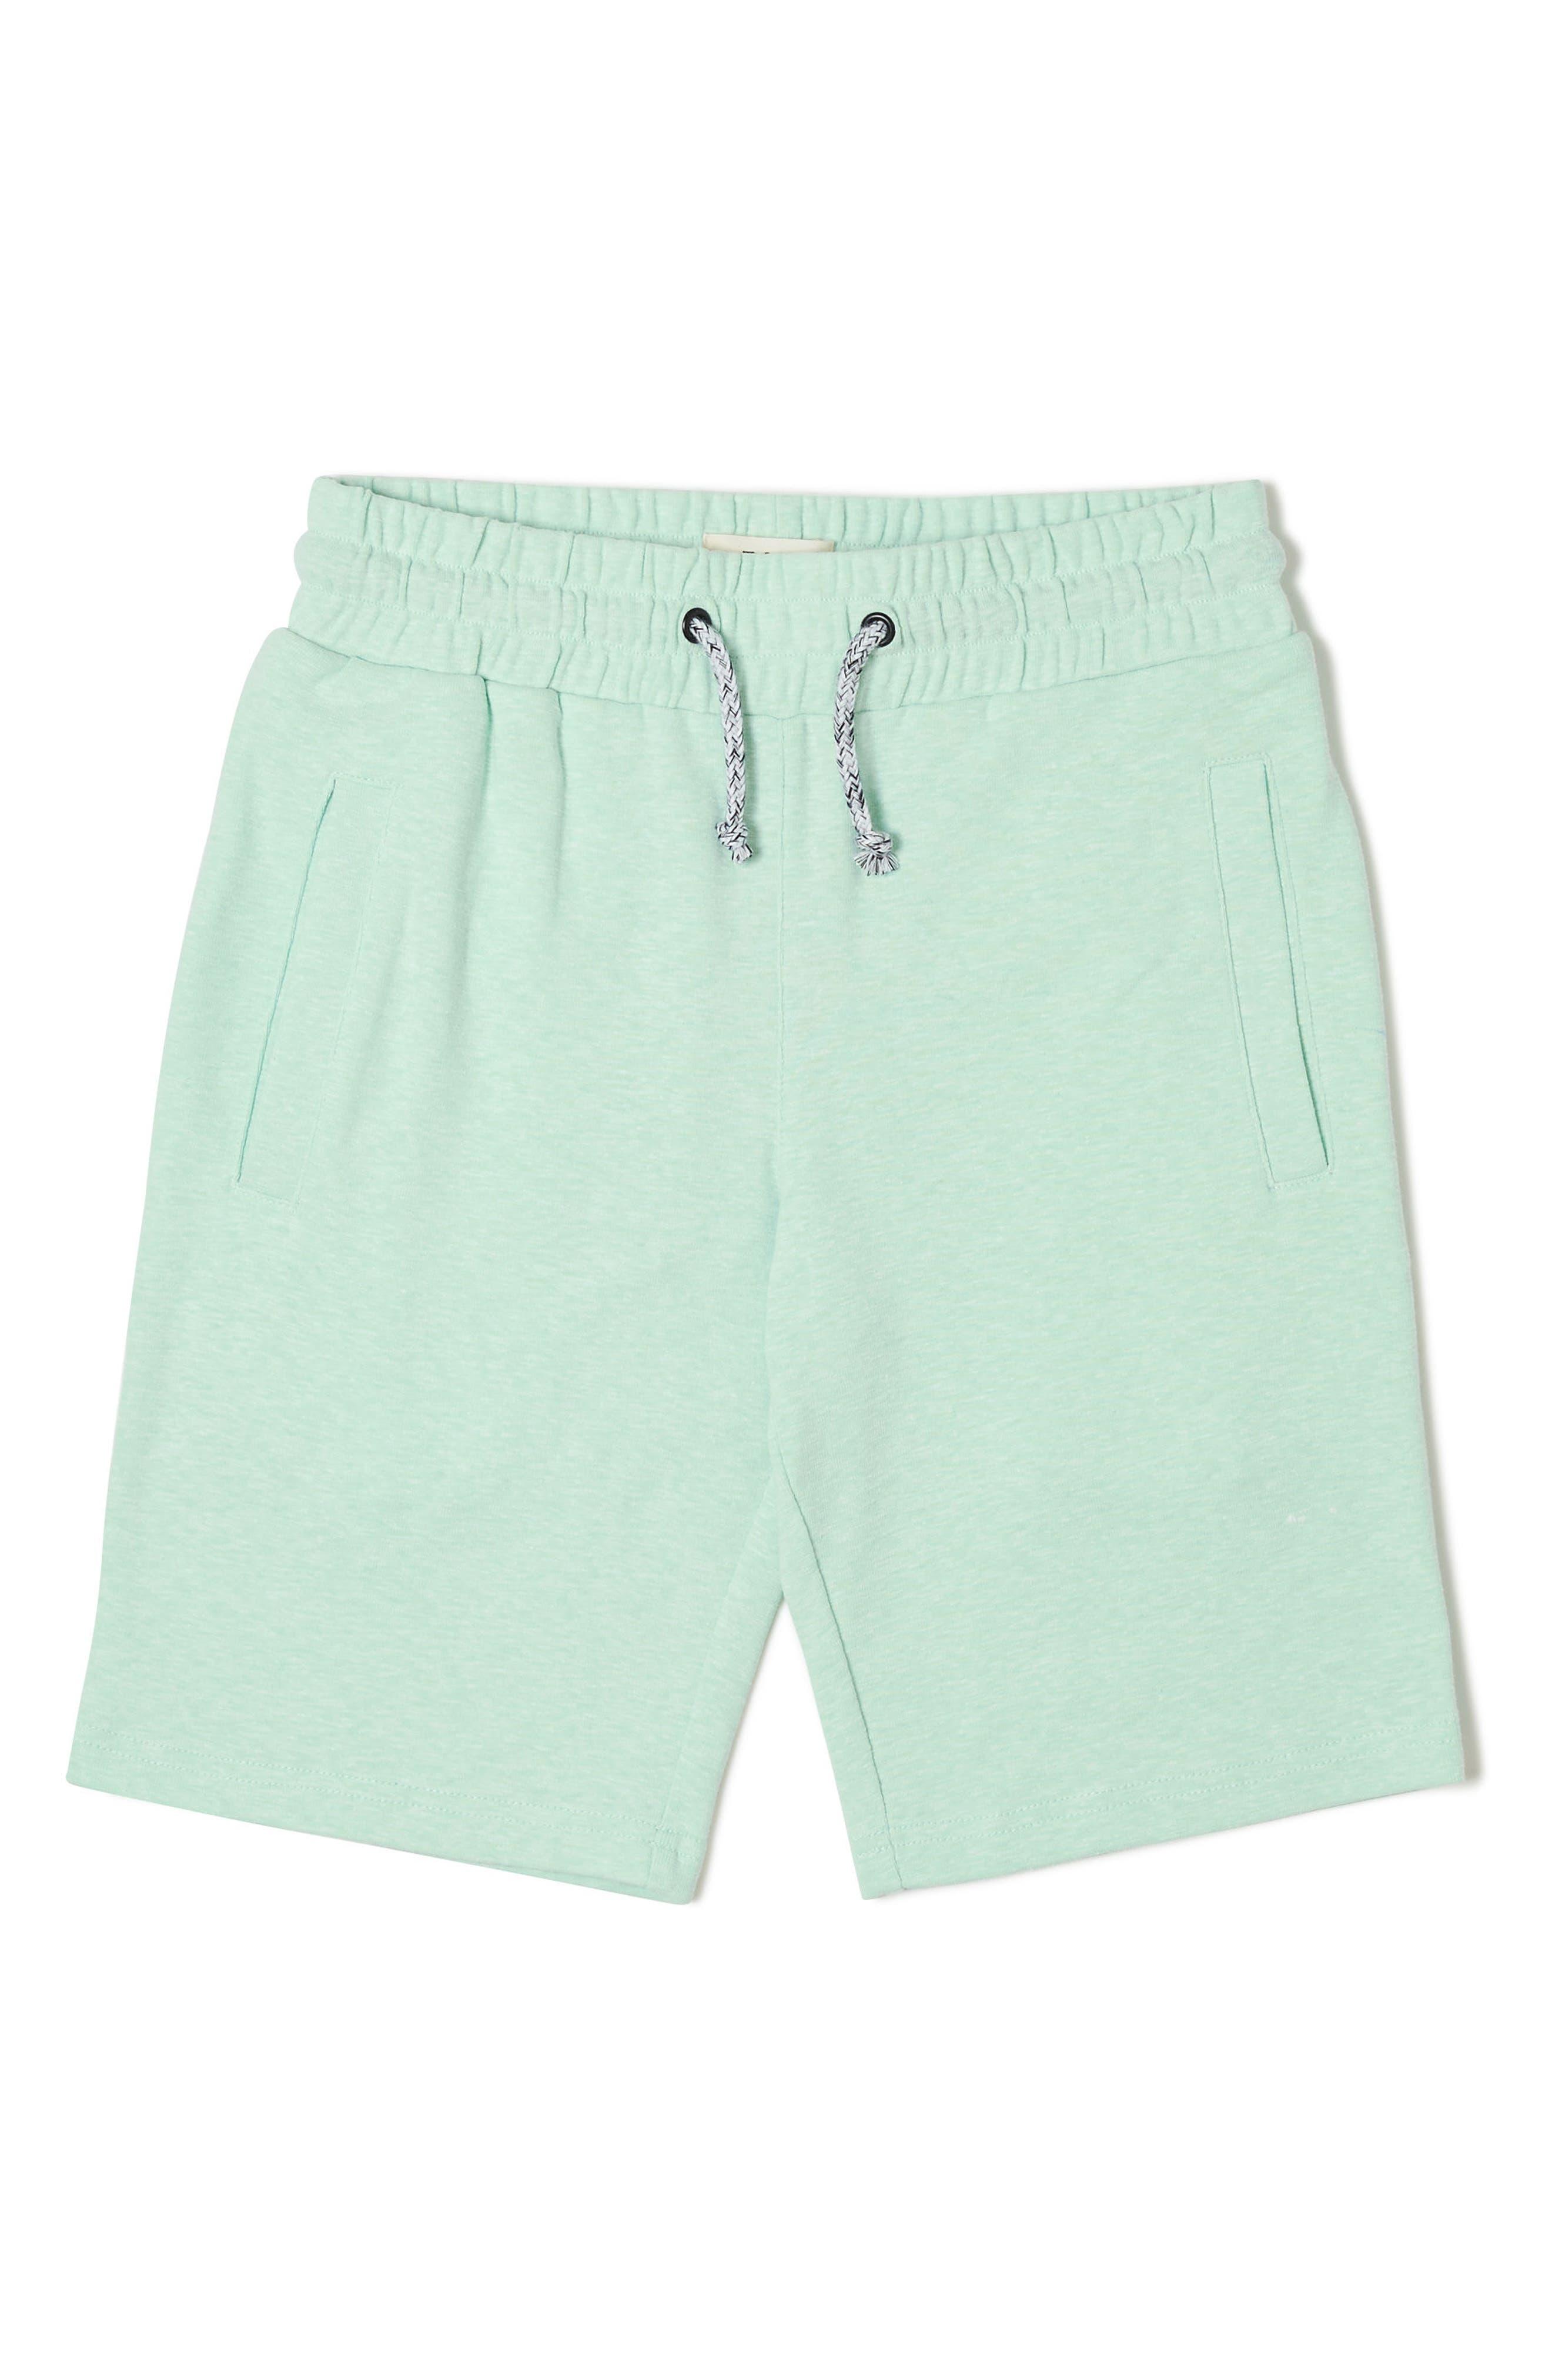 Ranger Knit Shorts,                             Main thumbnail 1, color,                             Green